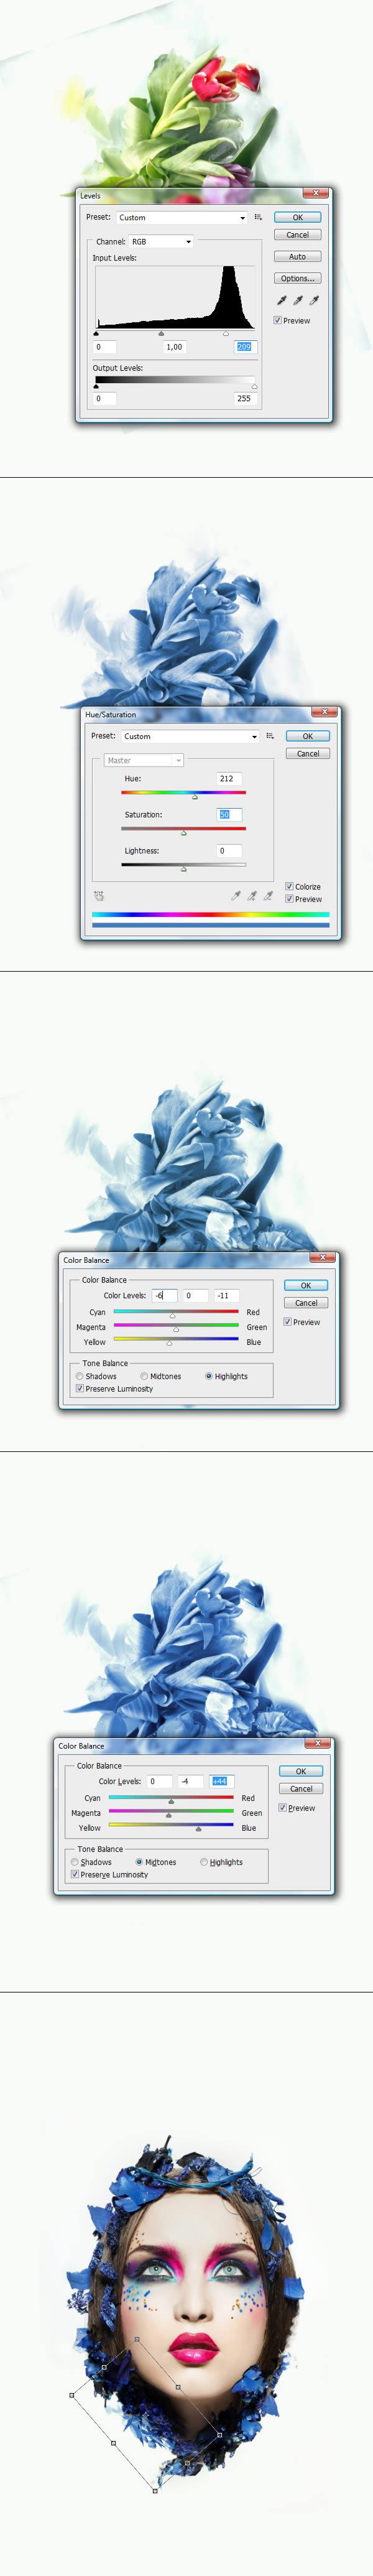 Как в фотошопе сделать индексированные цвета